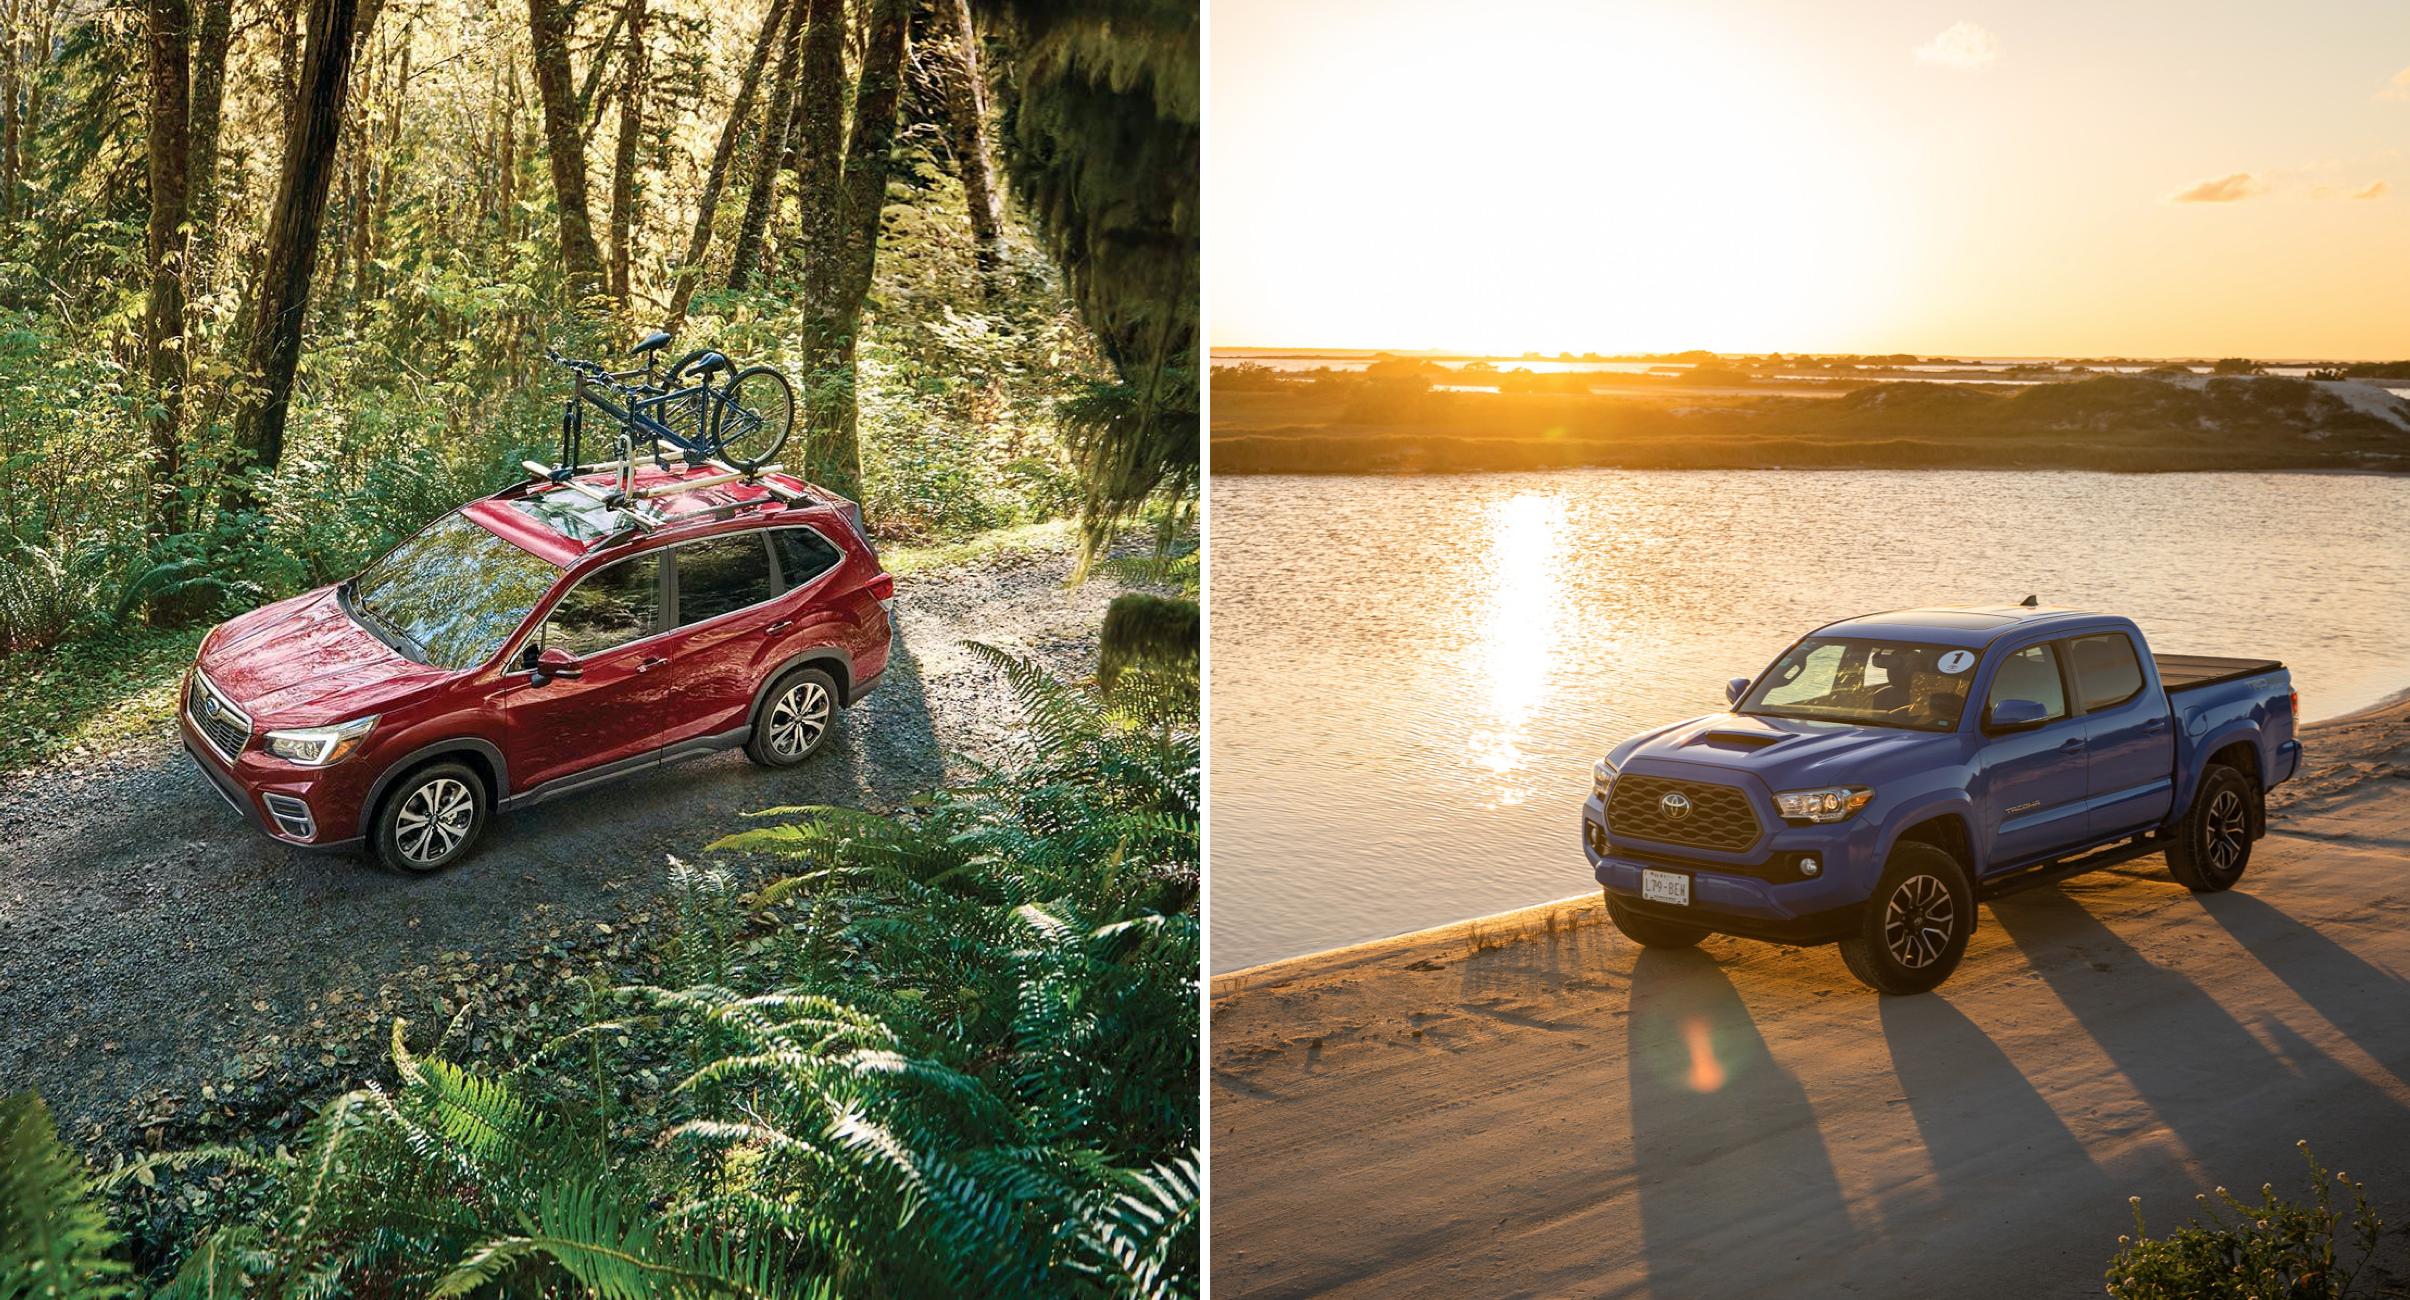 Qué es mejor, ¿pickup o SUV? Te decimos qué camioneta te conviene